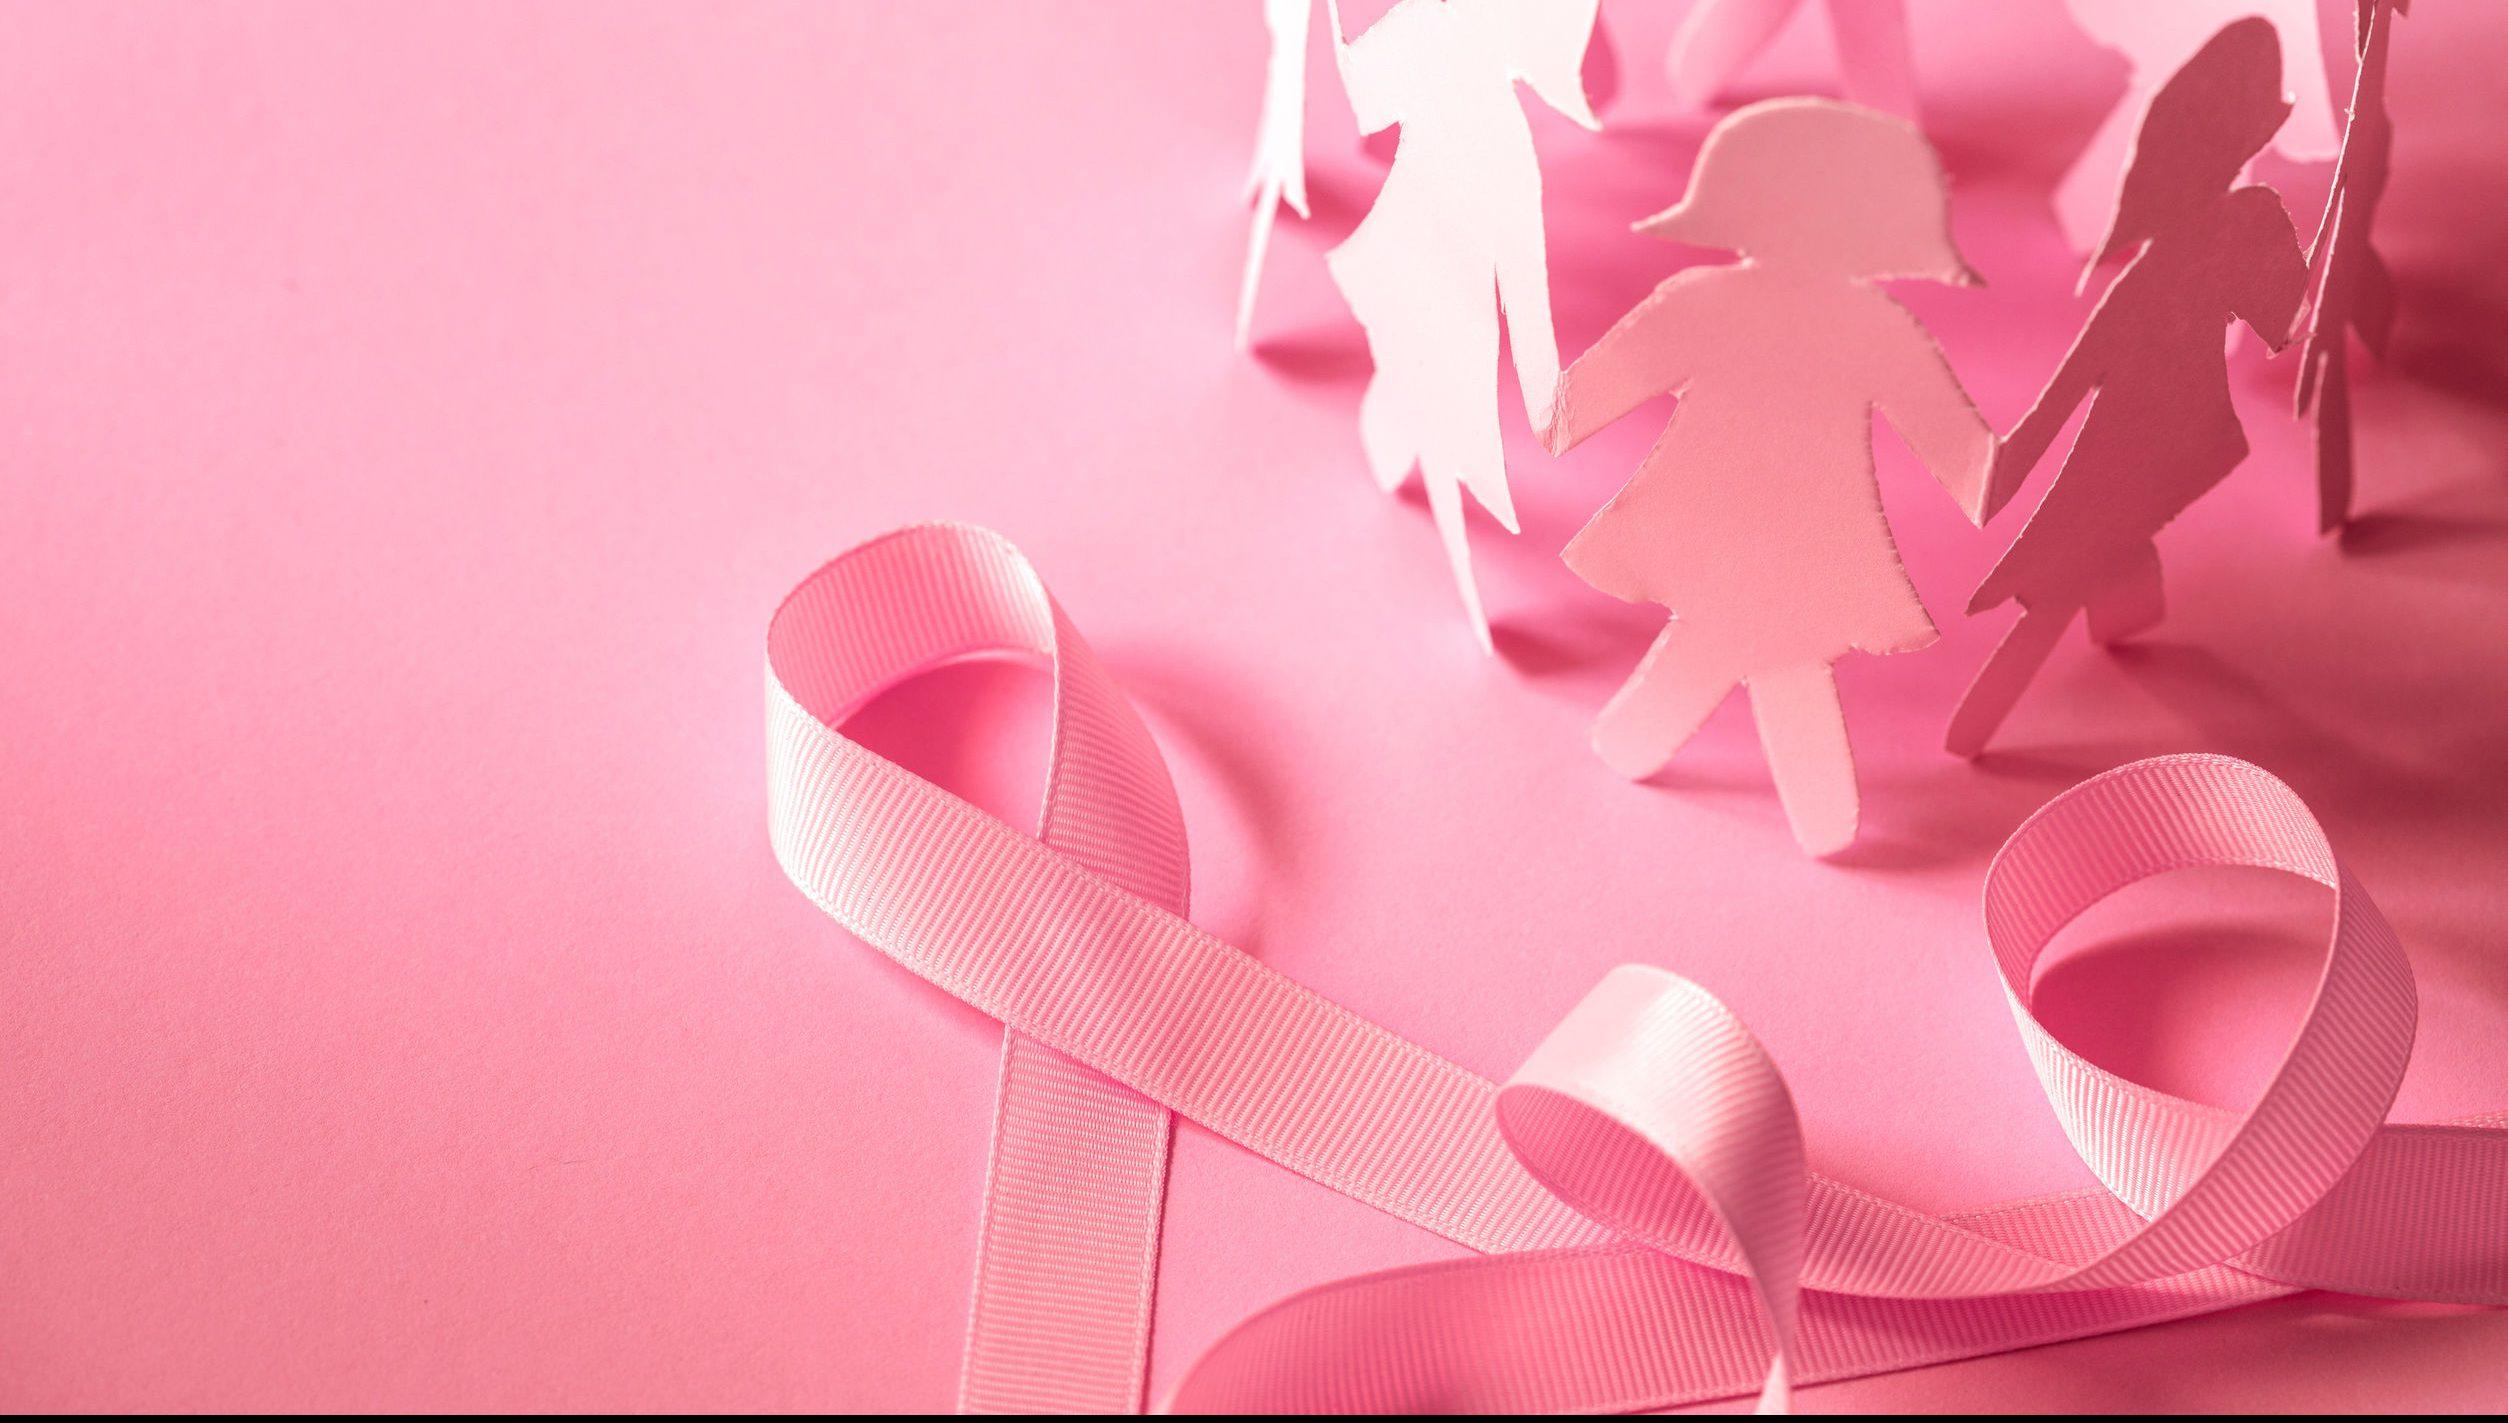 cancerul de san nu e roz